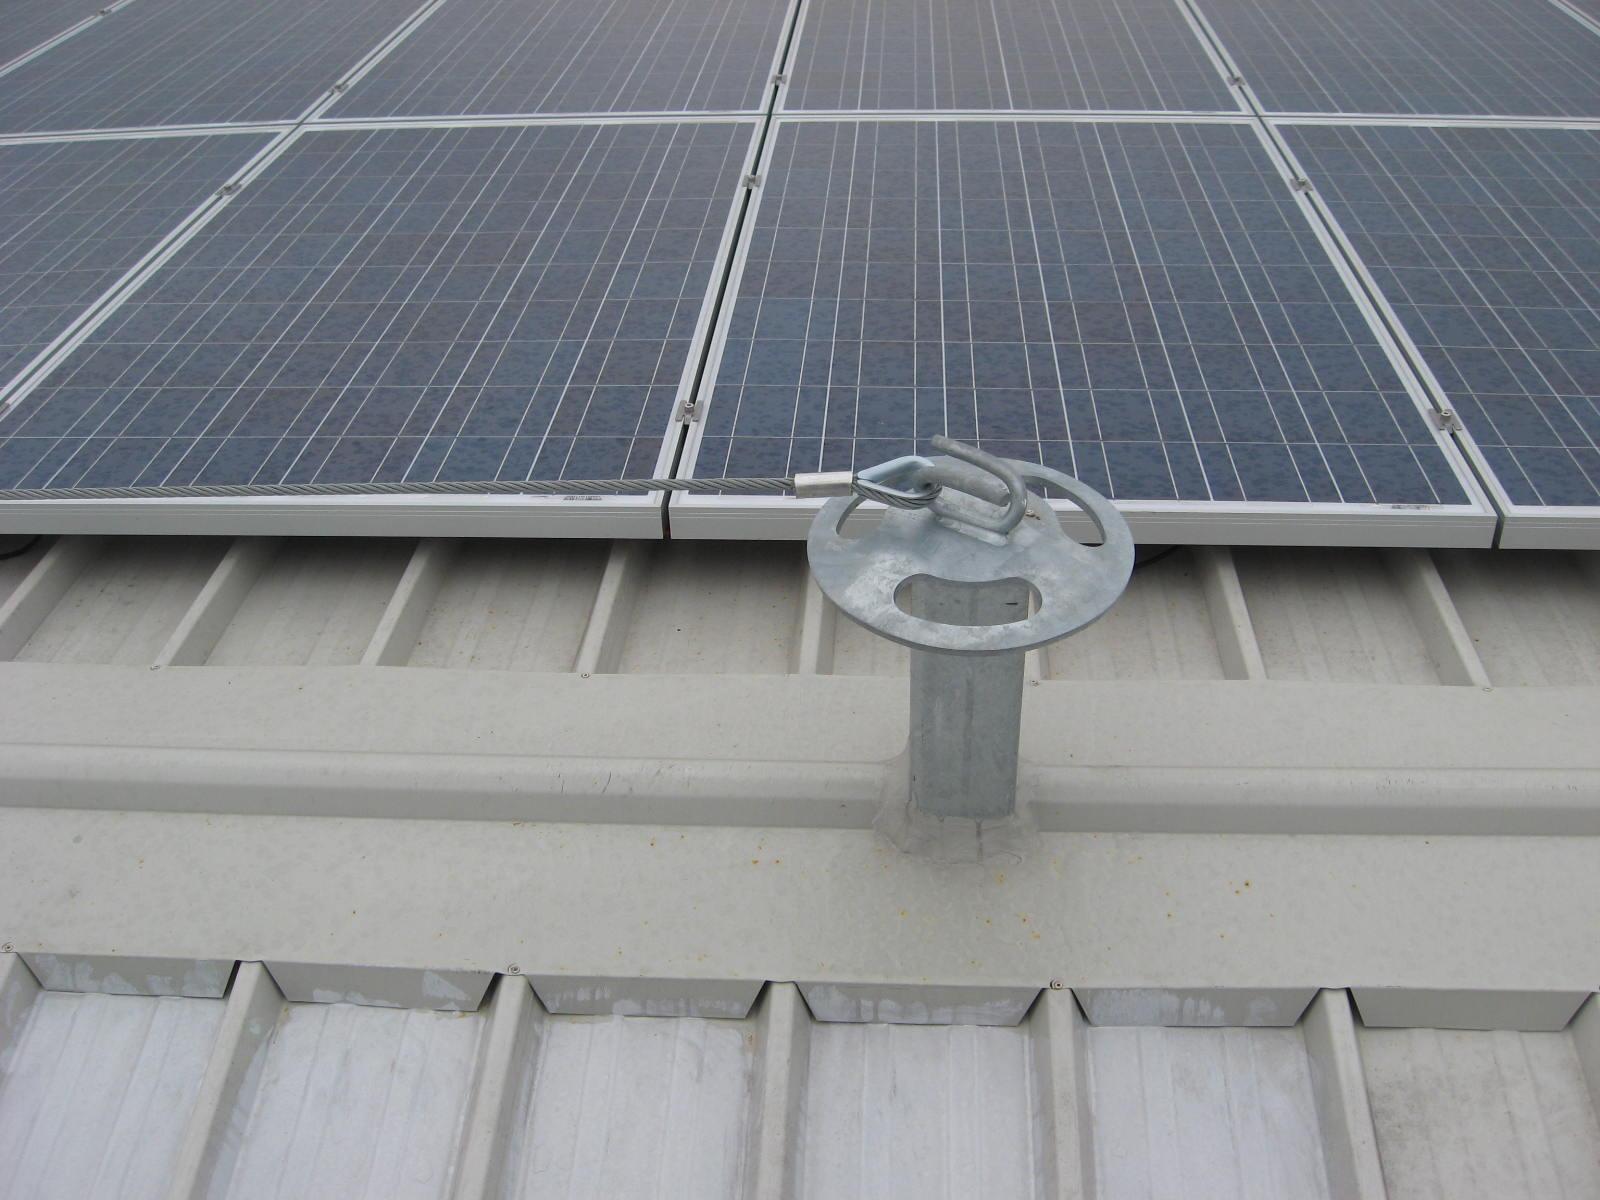 Coperture edili ecologiche impianti elettrici e ristrotturazioni a COVER ECOLOGY srl COPERTURE TETTI E IMPIANTI TECNOLOGICI a Cordenons